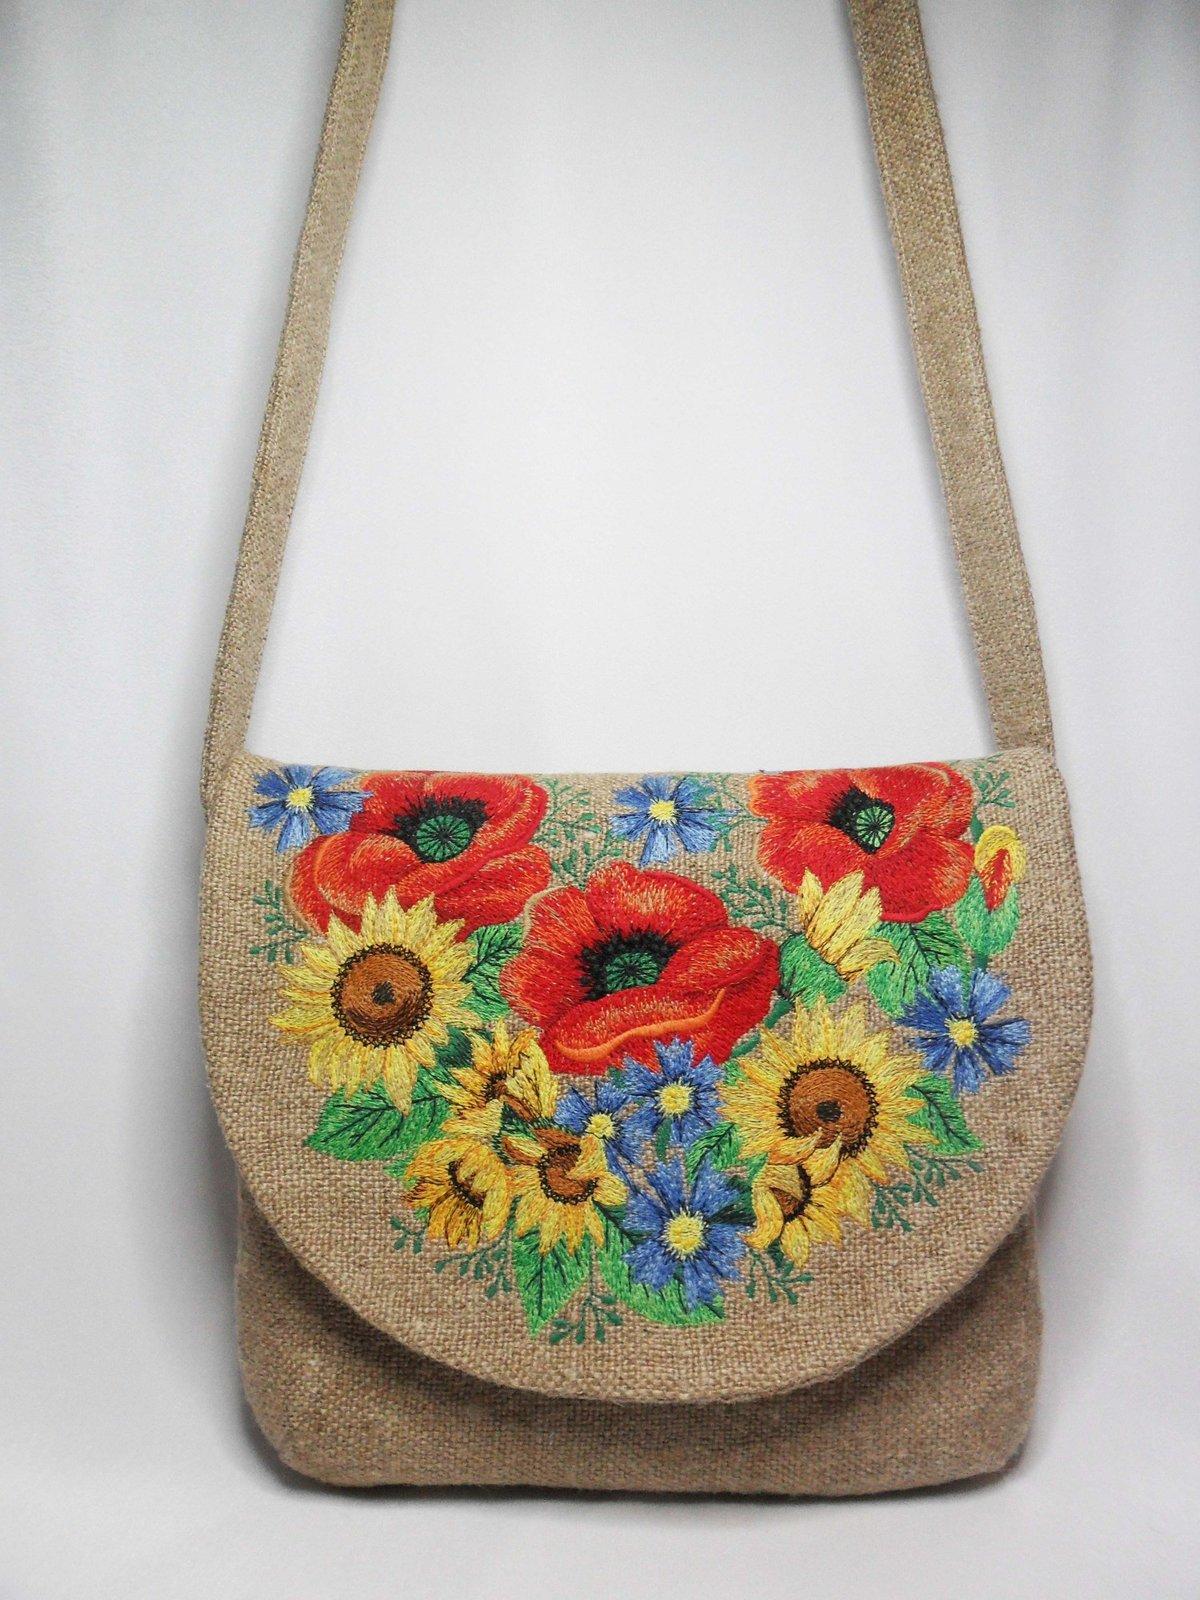 Вышивка крестом на сумке мастер класс